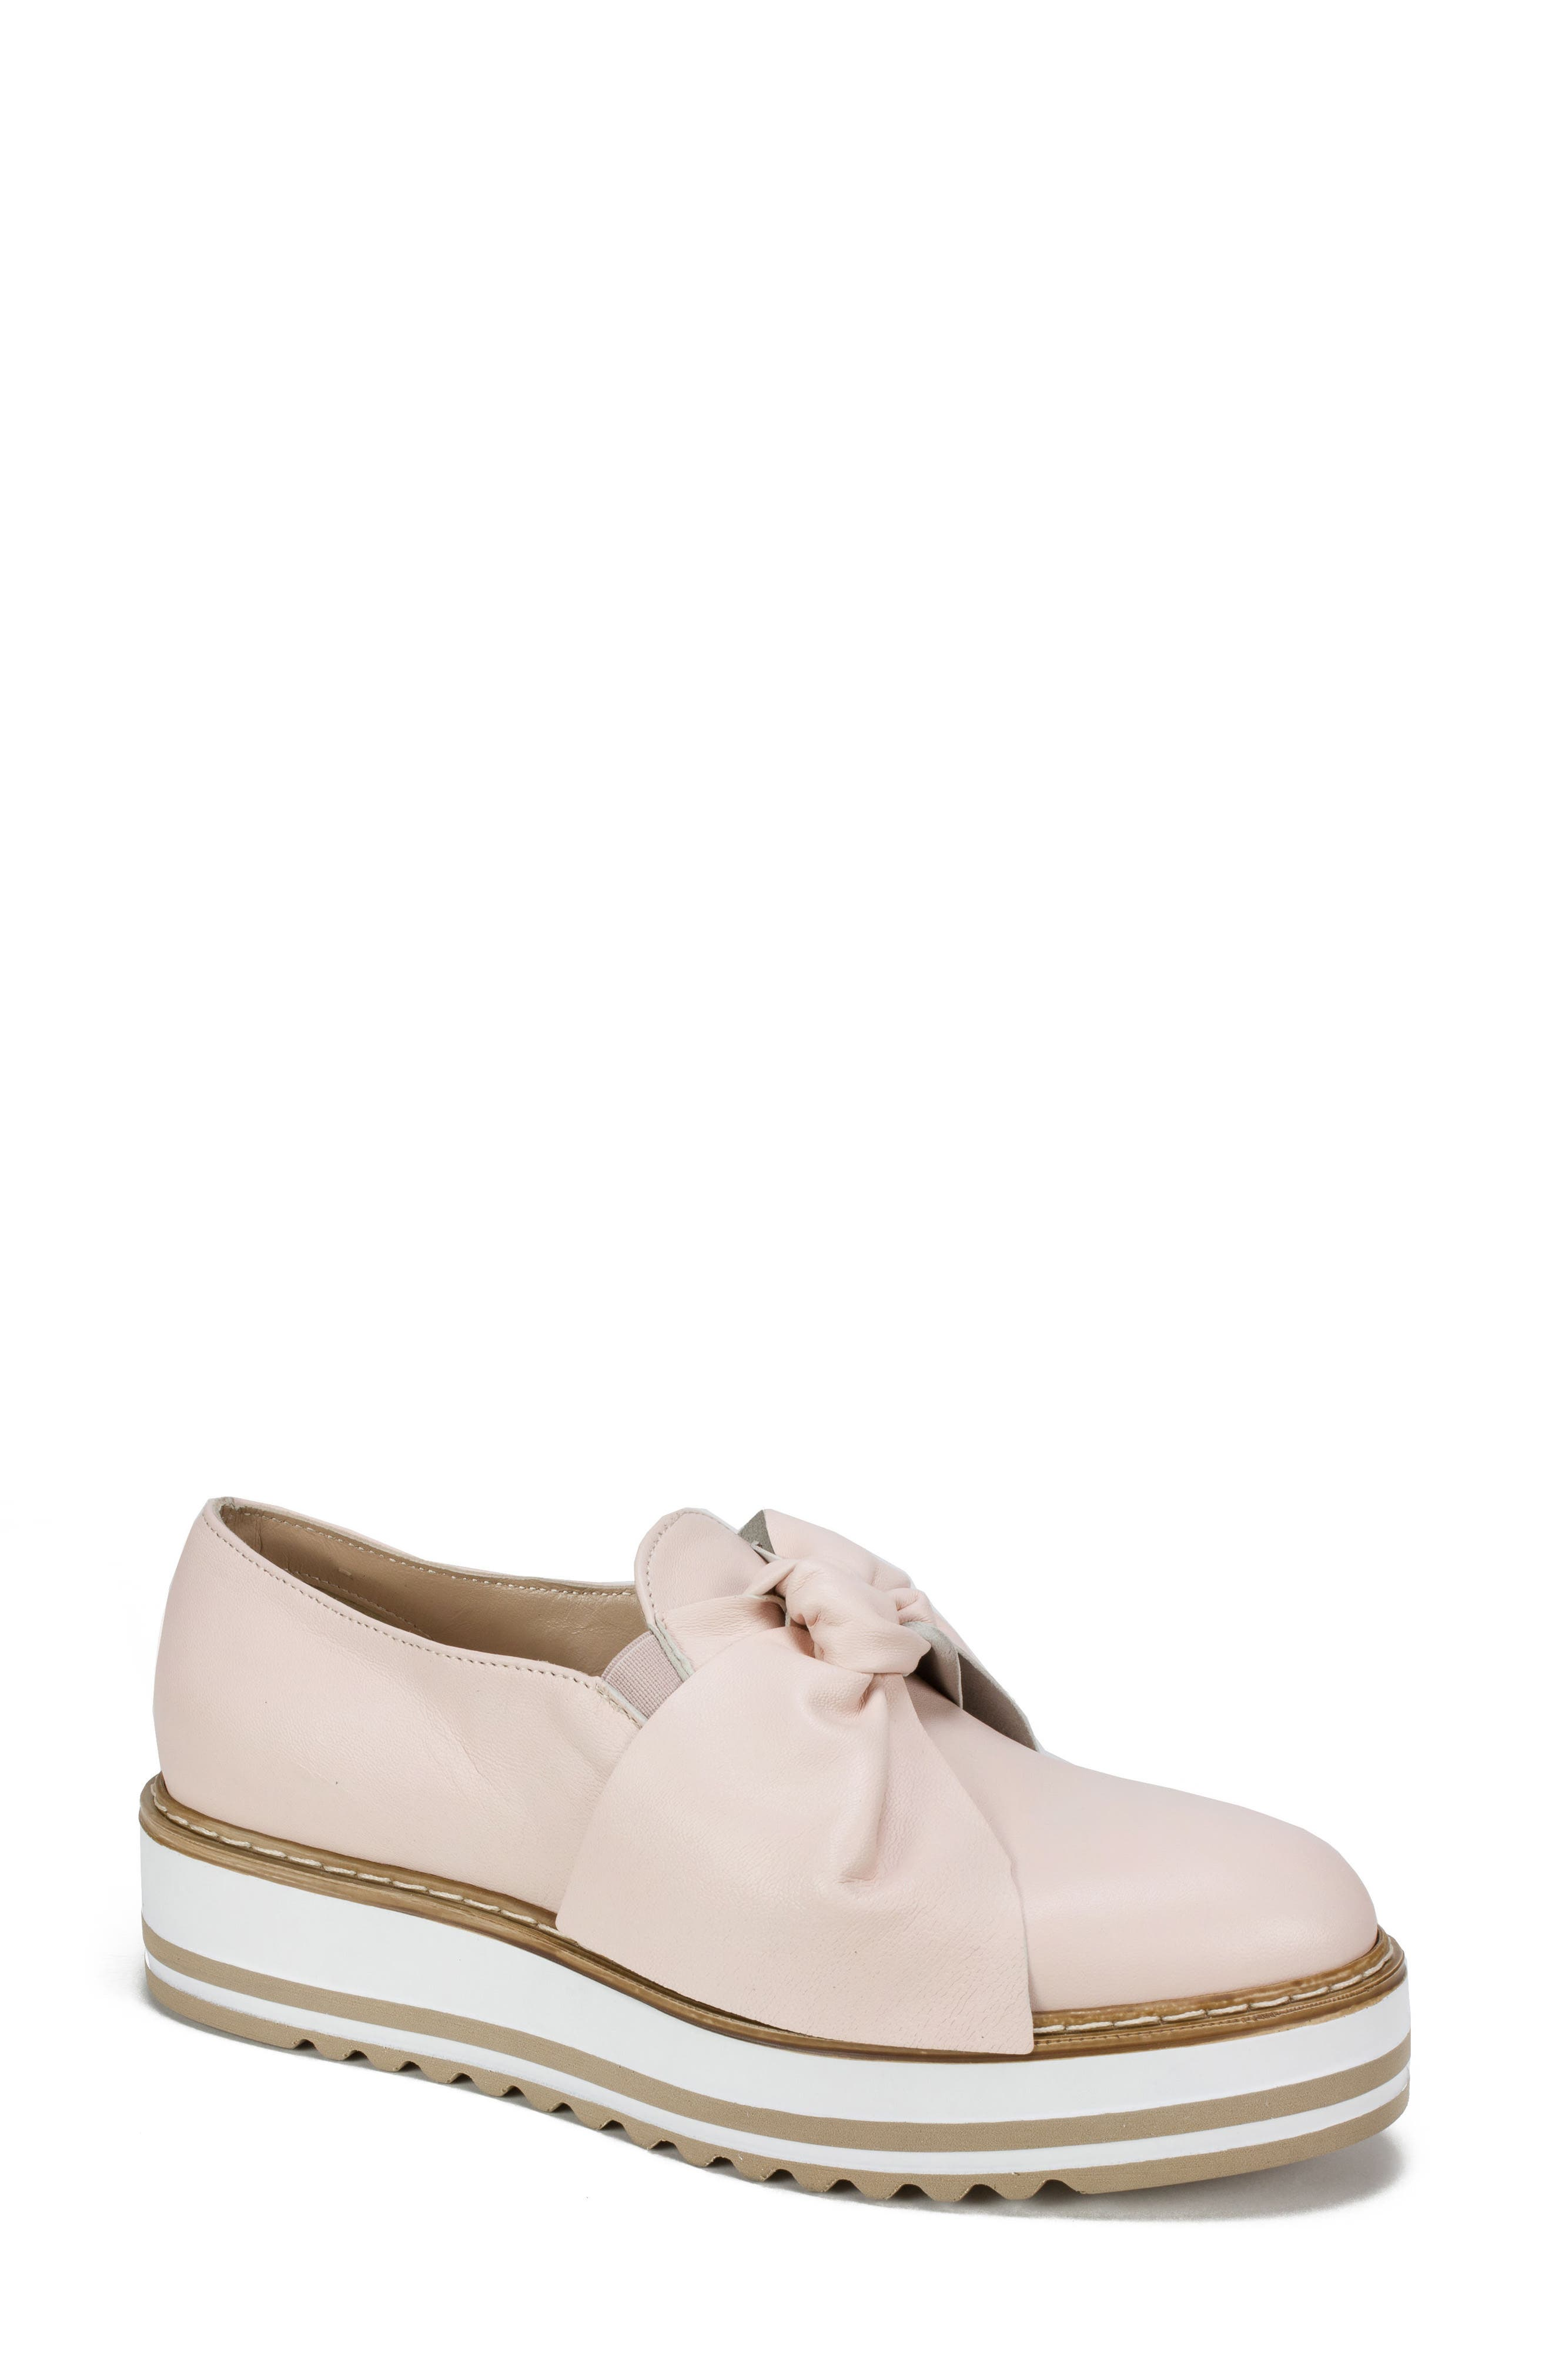 Bella Platform Loafer,                         Main,                         color, Pink Leather